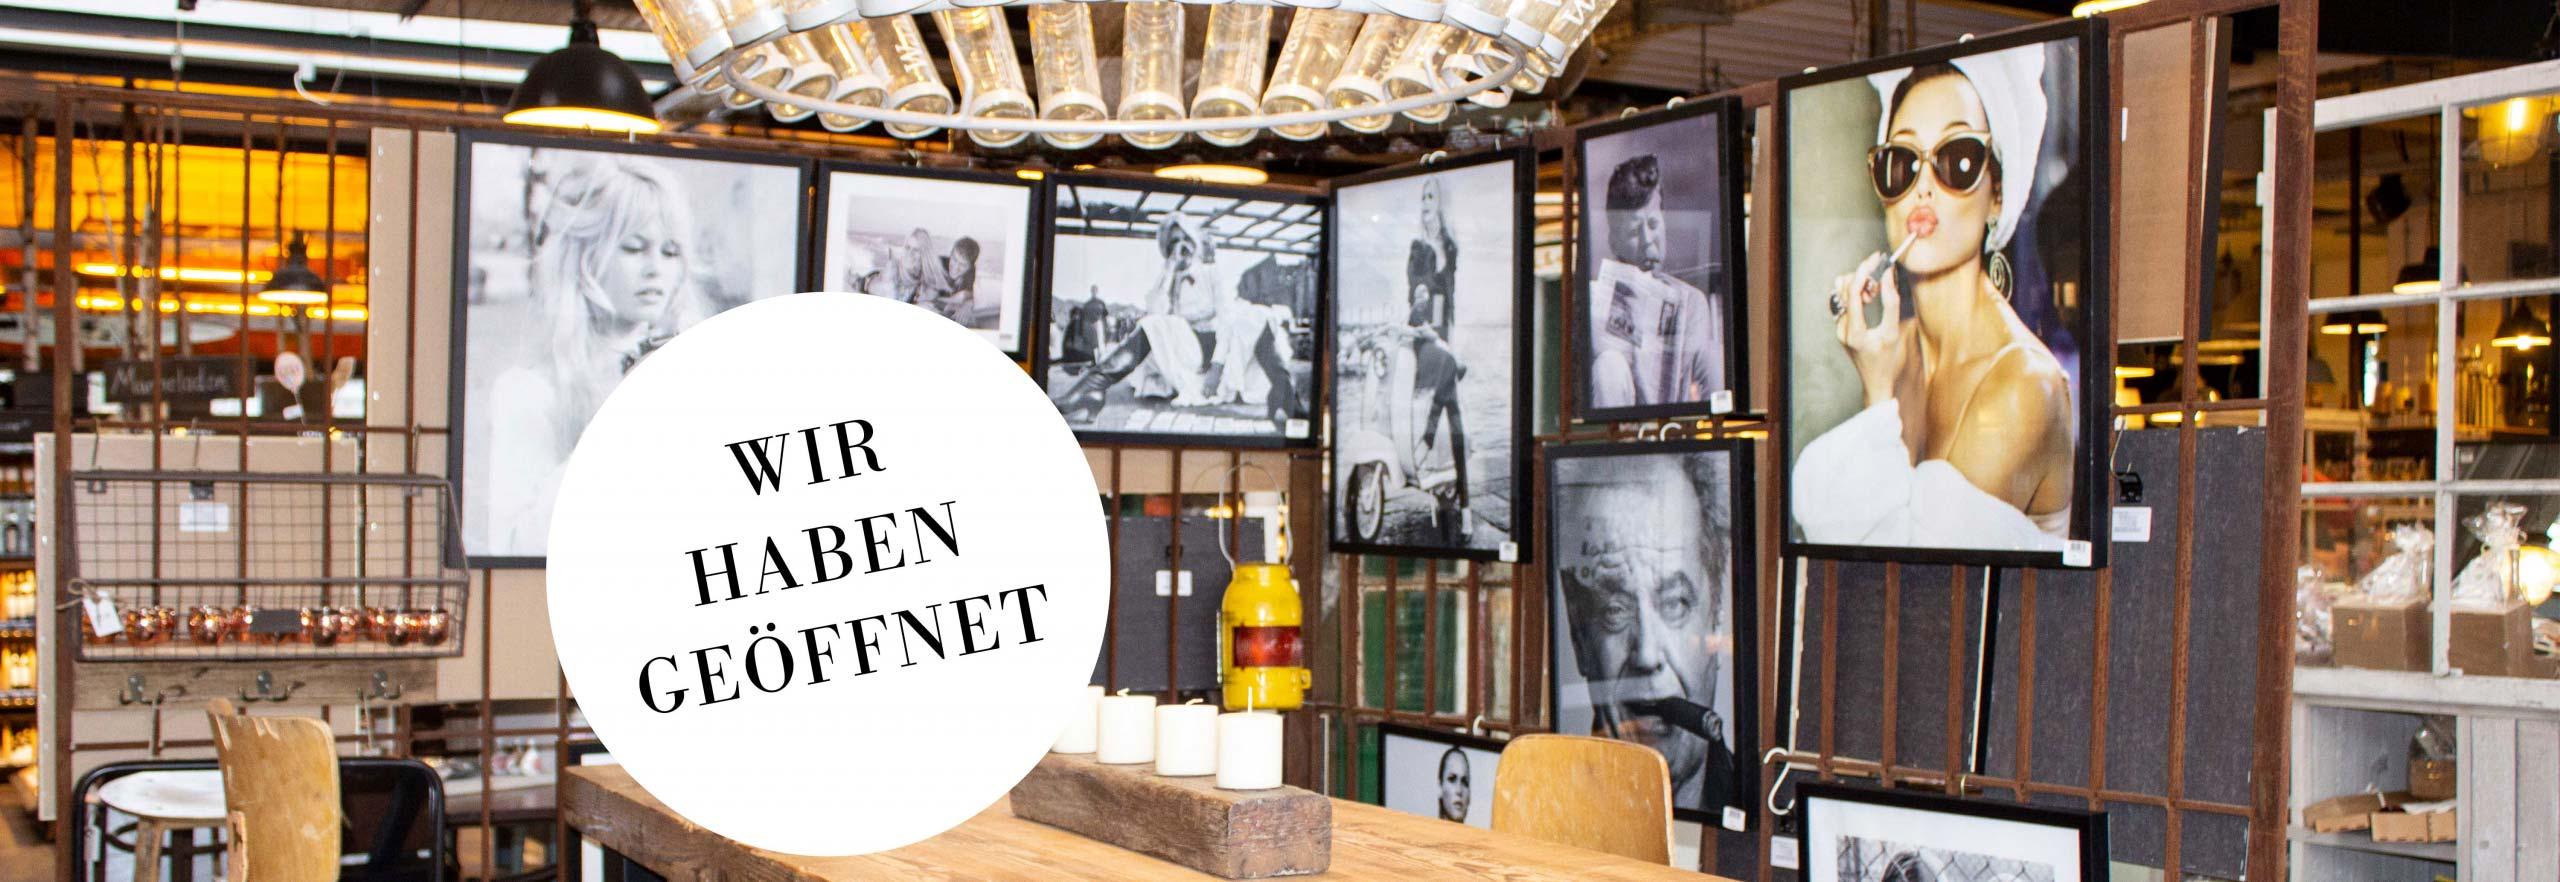 Gourmet Berner - wir haben geöffnet